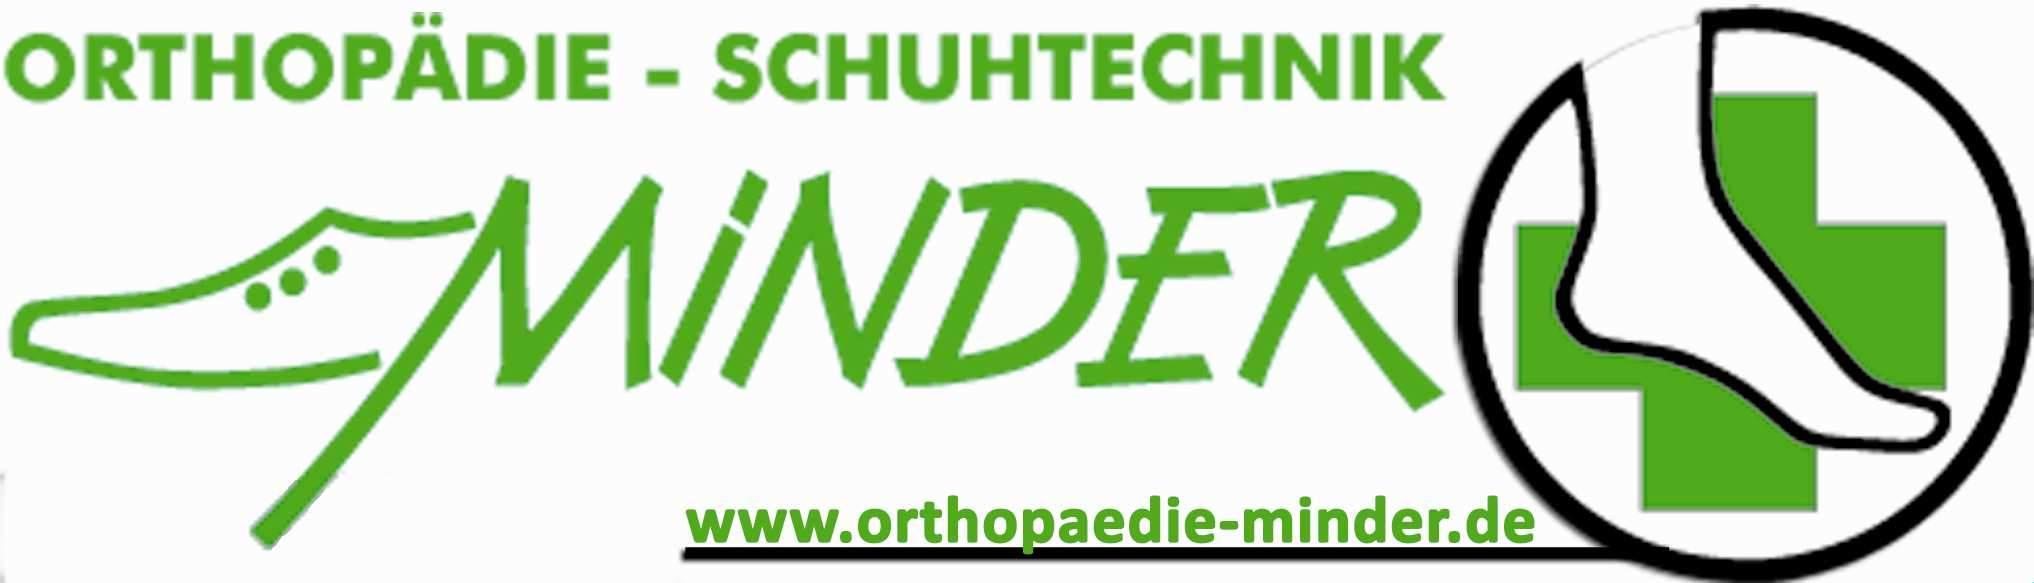 logo_minder-p1